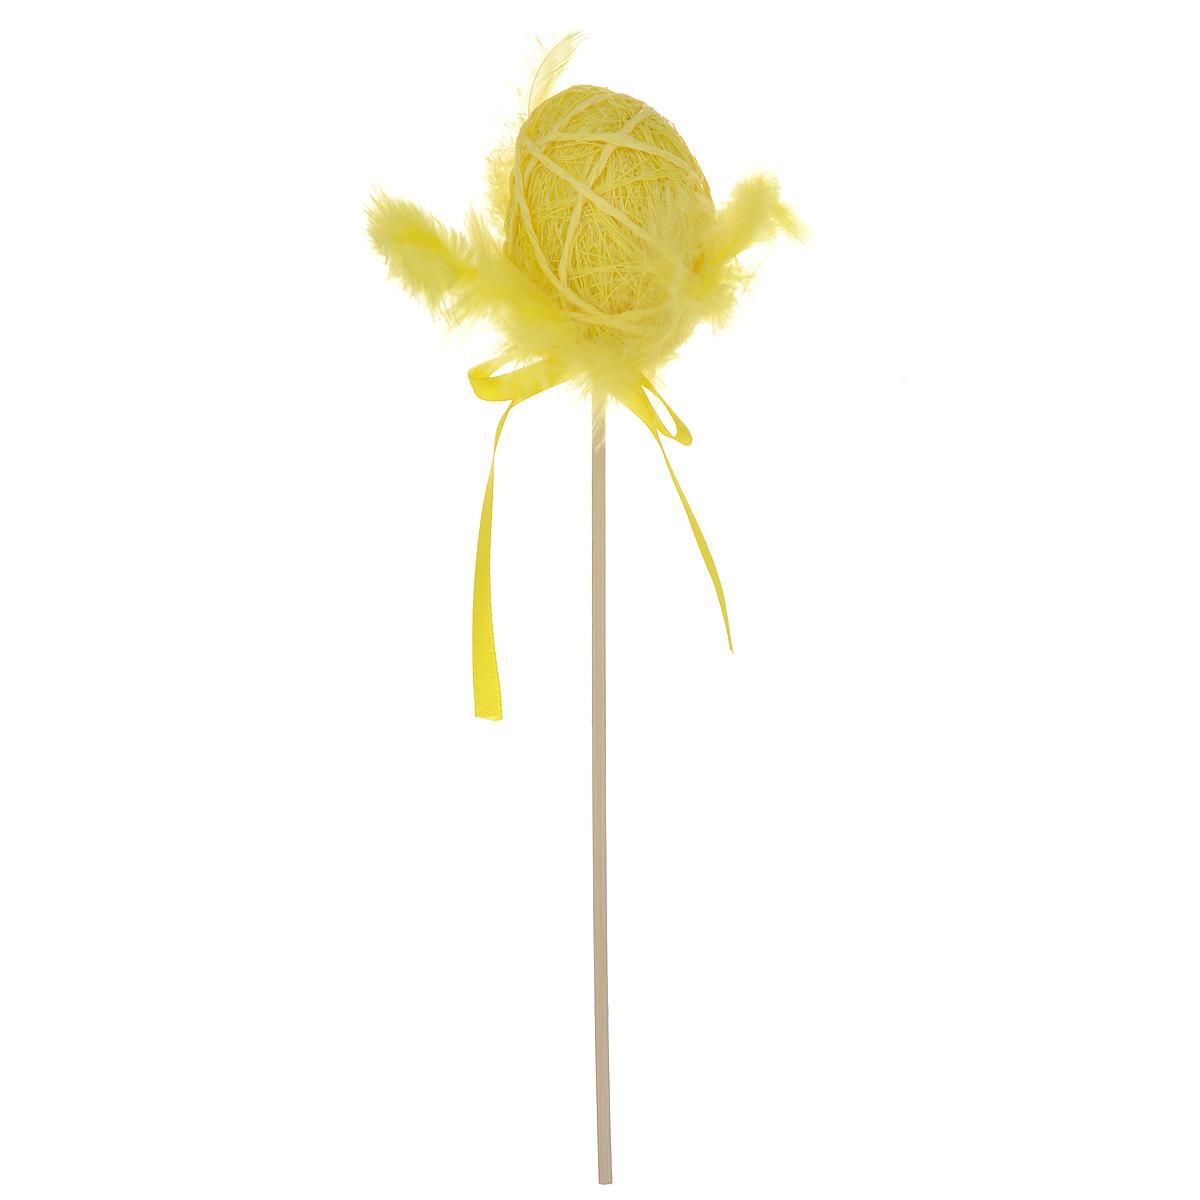 Декоративное пасхальное украшение на ножке Home Queen Яйцо с пухом. Разноцвет, цвет: желтый, высота 25 см64387_3Декоративное украшение Home Queen Яйцо с пухом. Разноцвет выполнено из полиэстера в виде пасхального яйца на деревянной ножке, декорированного перьями. Изделие украшено текстильной лентой. Такое украшение прекрасно дополнит подарок для друзей или близких на Пасху. Высота: 25 см. Размер яйца: 6 см х 4,5 см.